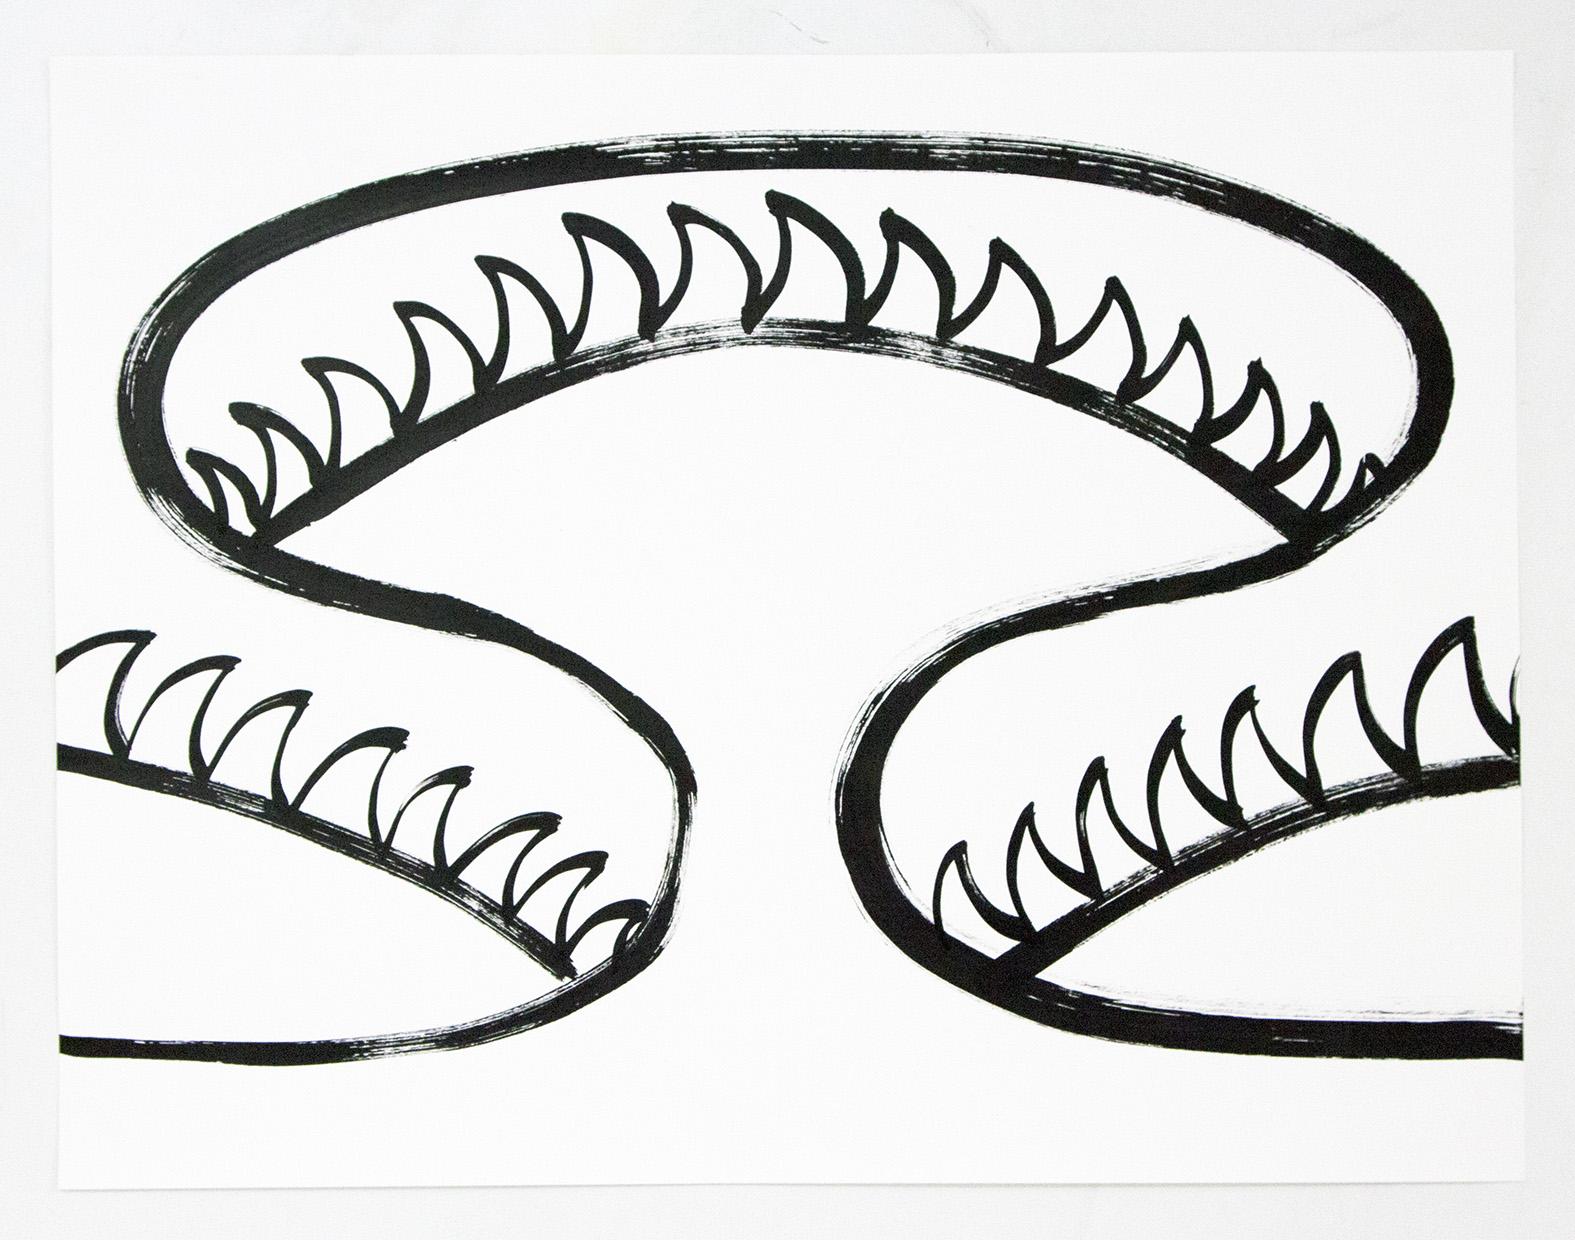 Sam Porritt, Lying in Wait II, 2019. Ink on Paper. Framed. 65 x 50 cm.